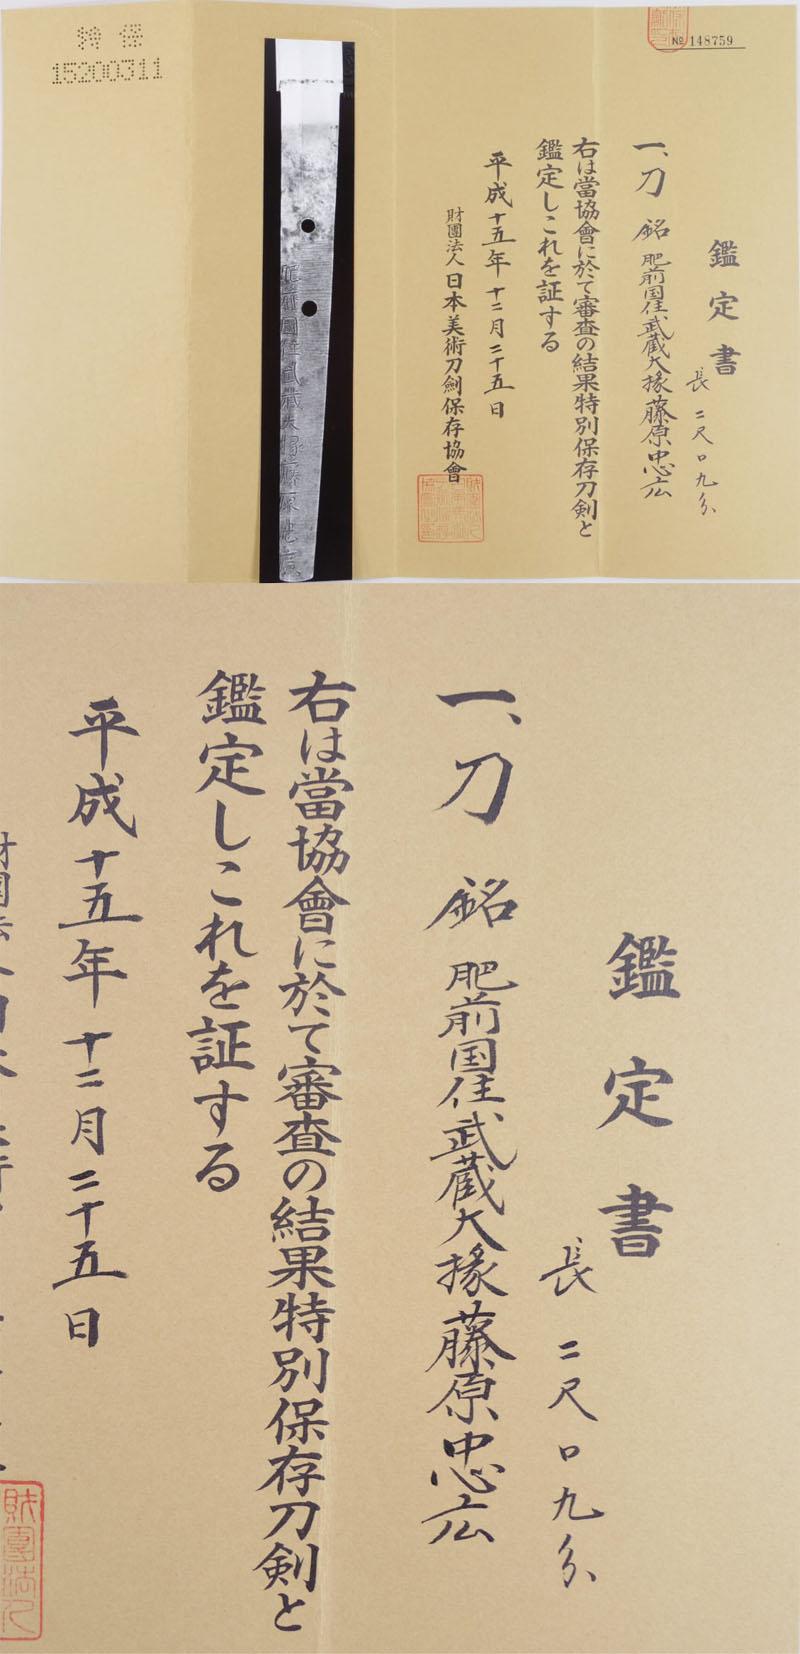 刀 肥前国住武蔵大掾藤原忠広 (初代忠吉)(新刀 最上作)(最上大業物) Picture of Certificate